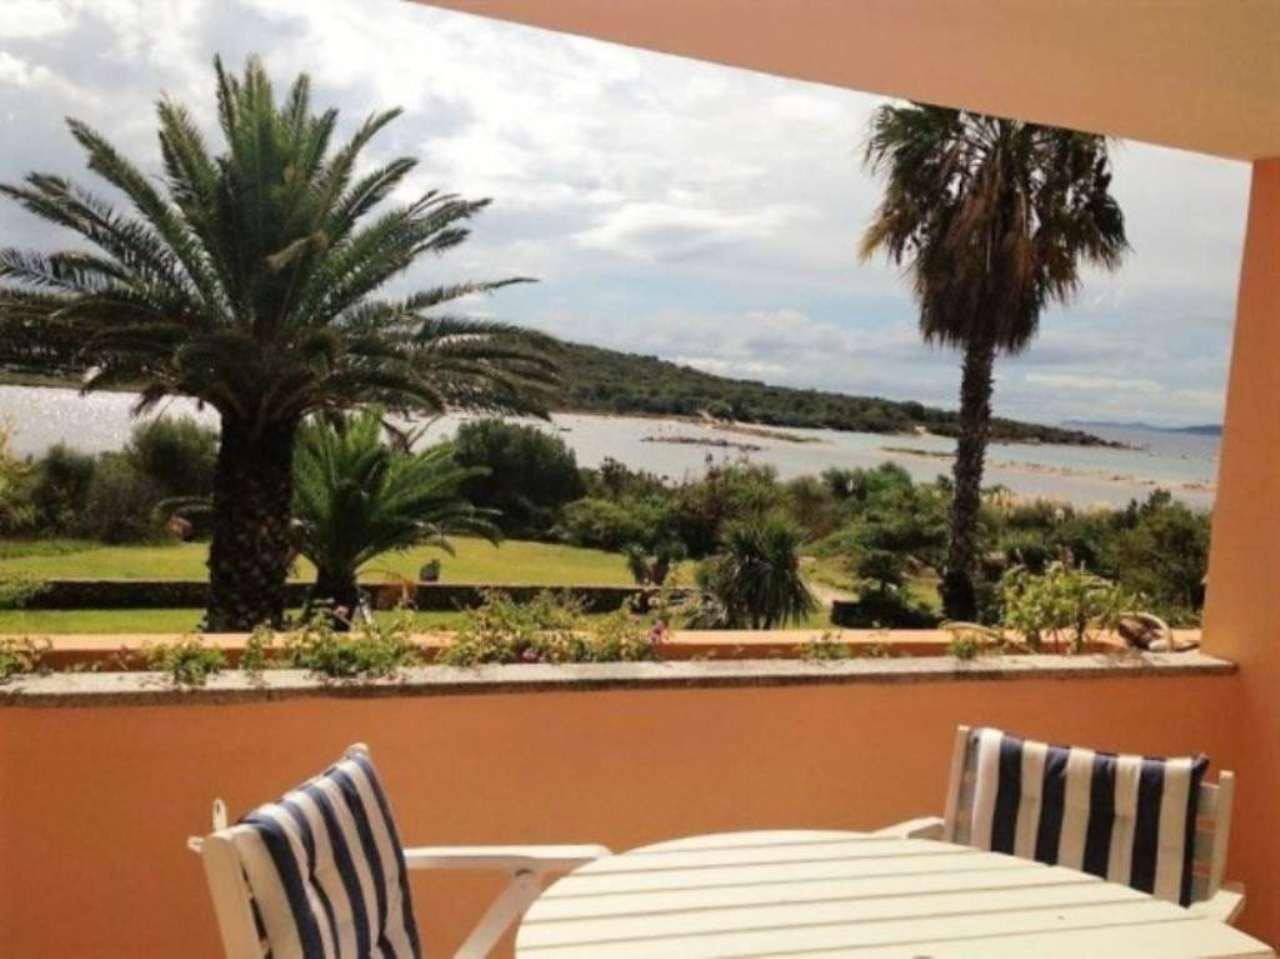 Appartamento in vendita a San Teodoro, 2 locali, prezzo € 180.000 | CambioCasa.it